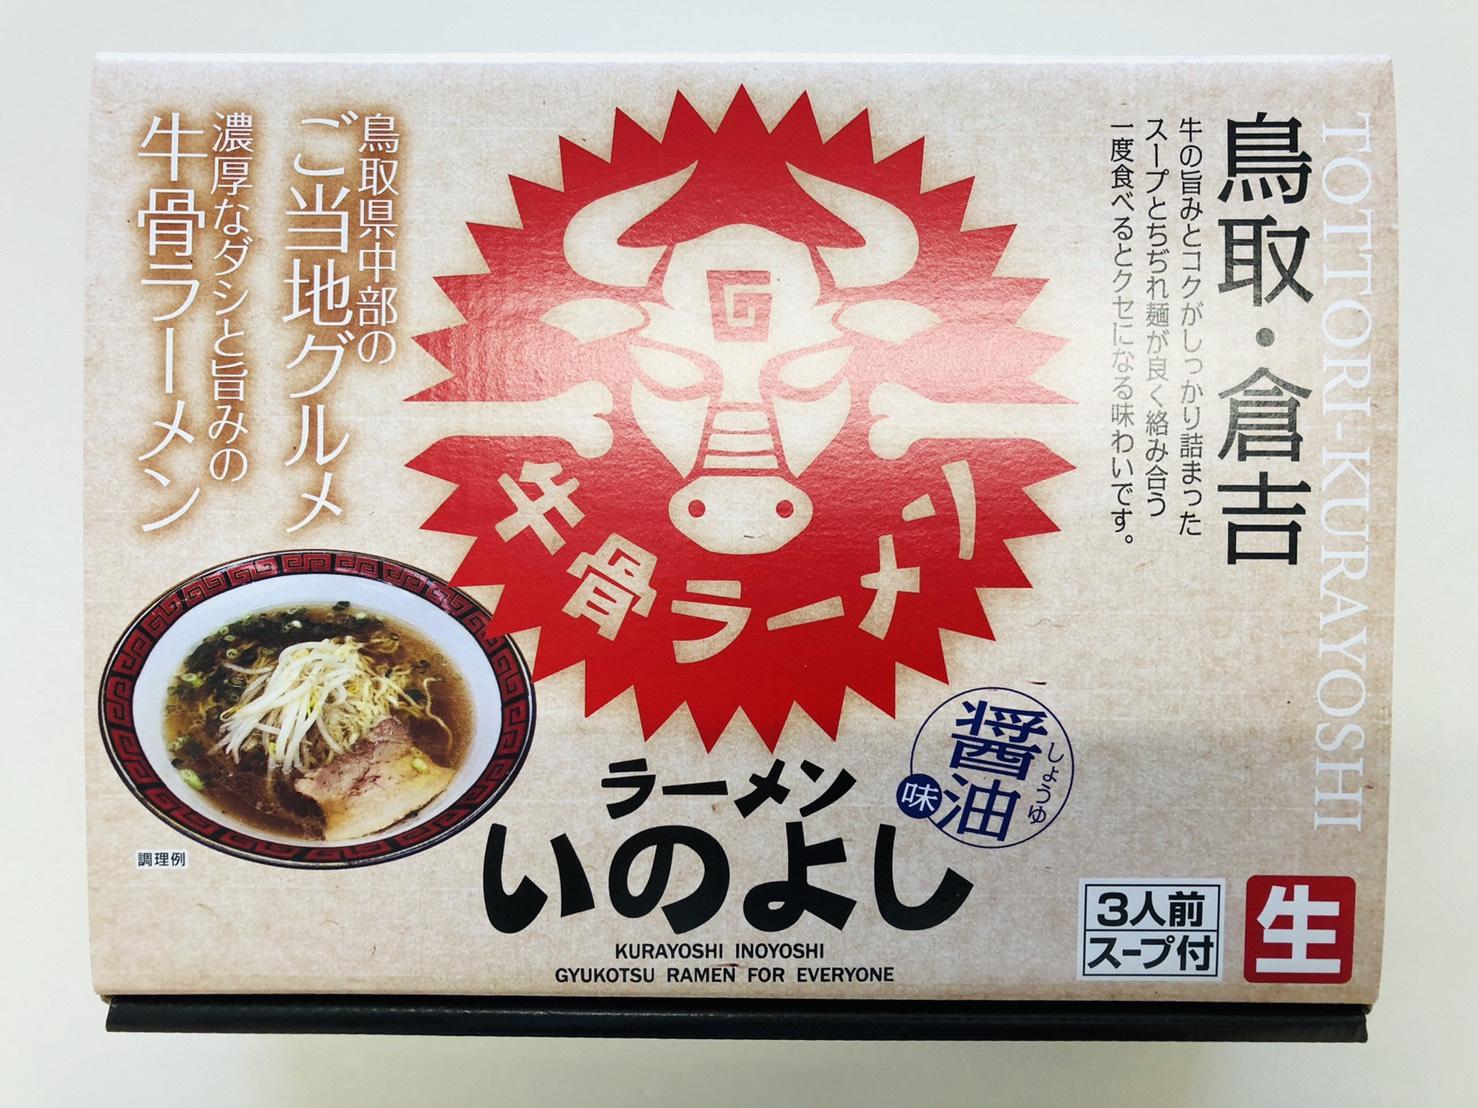 鳥取のソウルフード 牛骨ラーメン 製麺メーカーが地元一流店の味を再現しました 牛骨ラーメンいのよし3人前5個セット 倉吉 おトク 通販 鳥取 お土産 ご当地麺